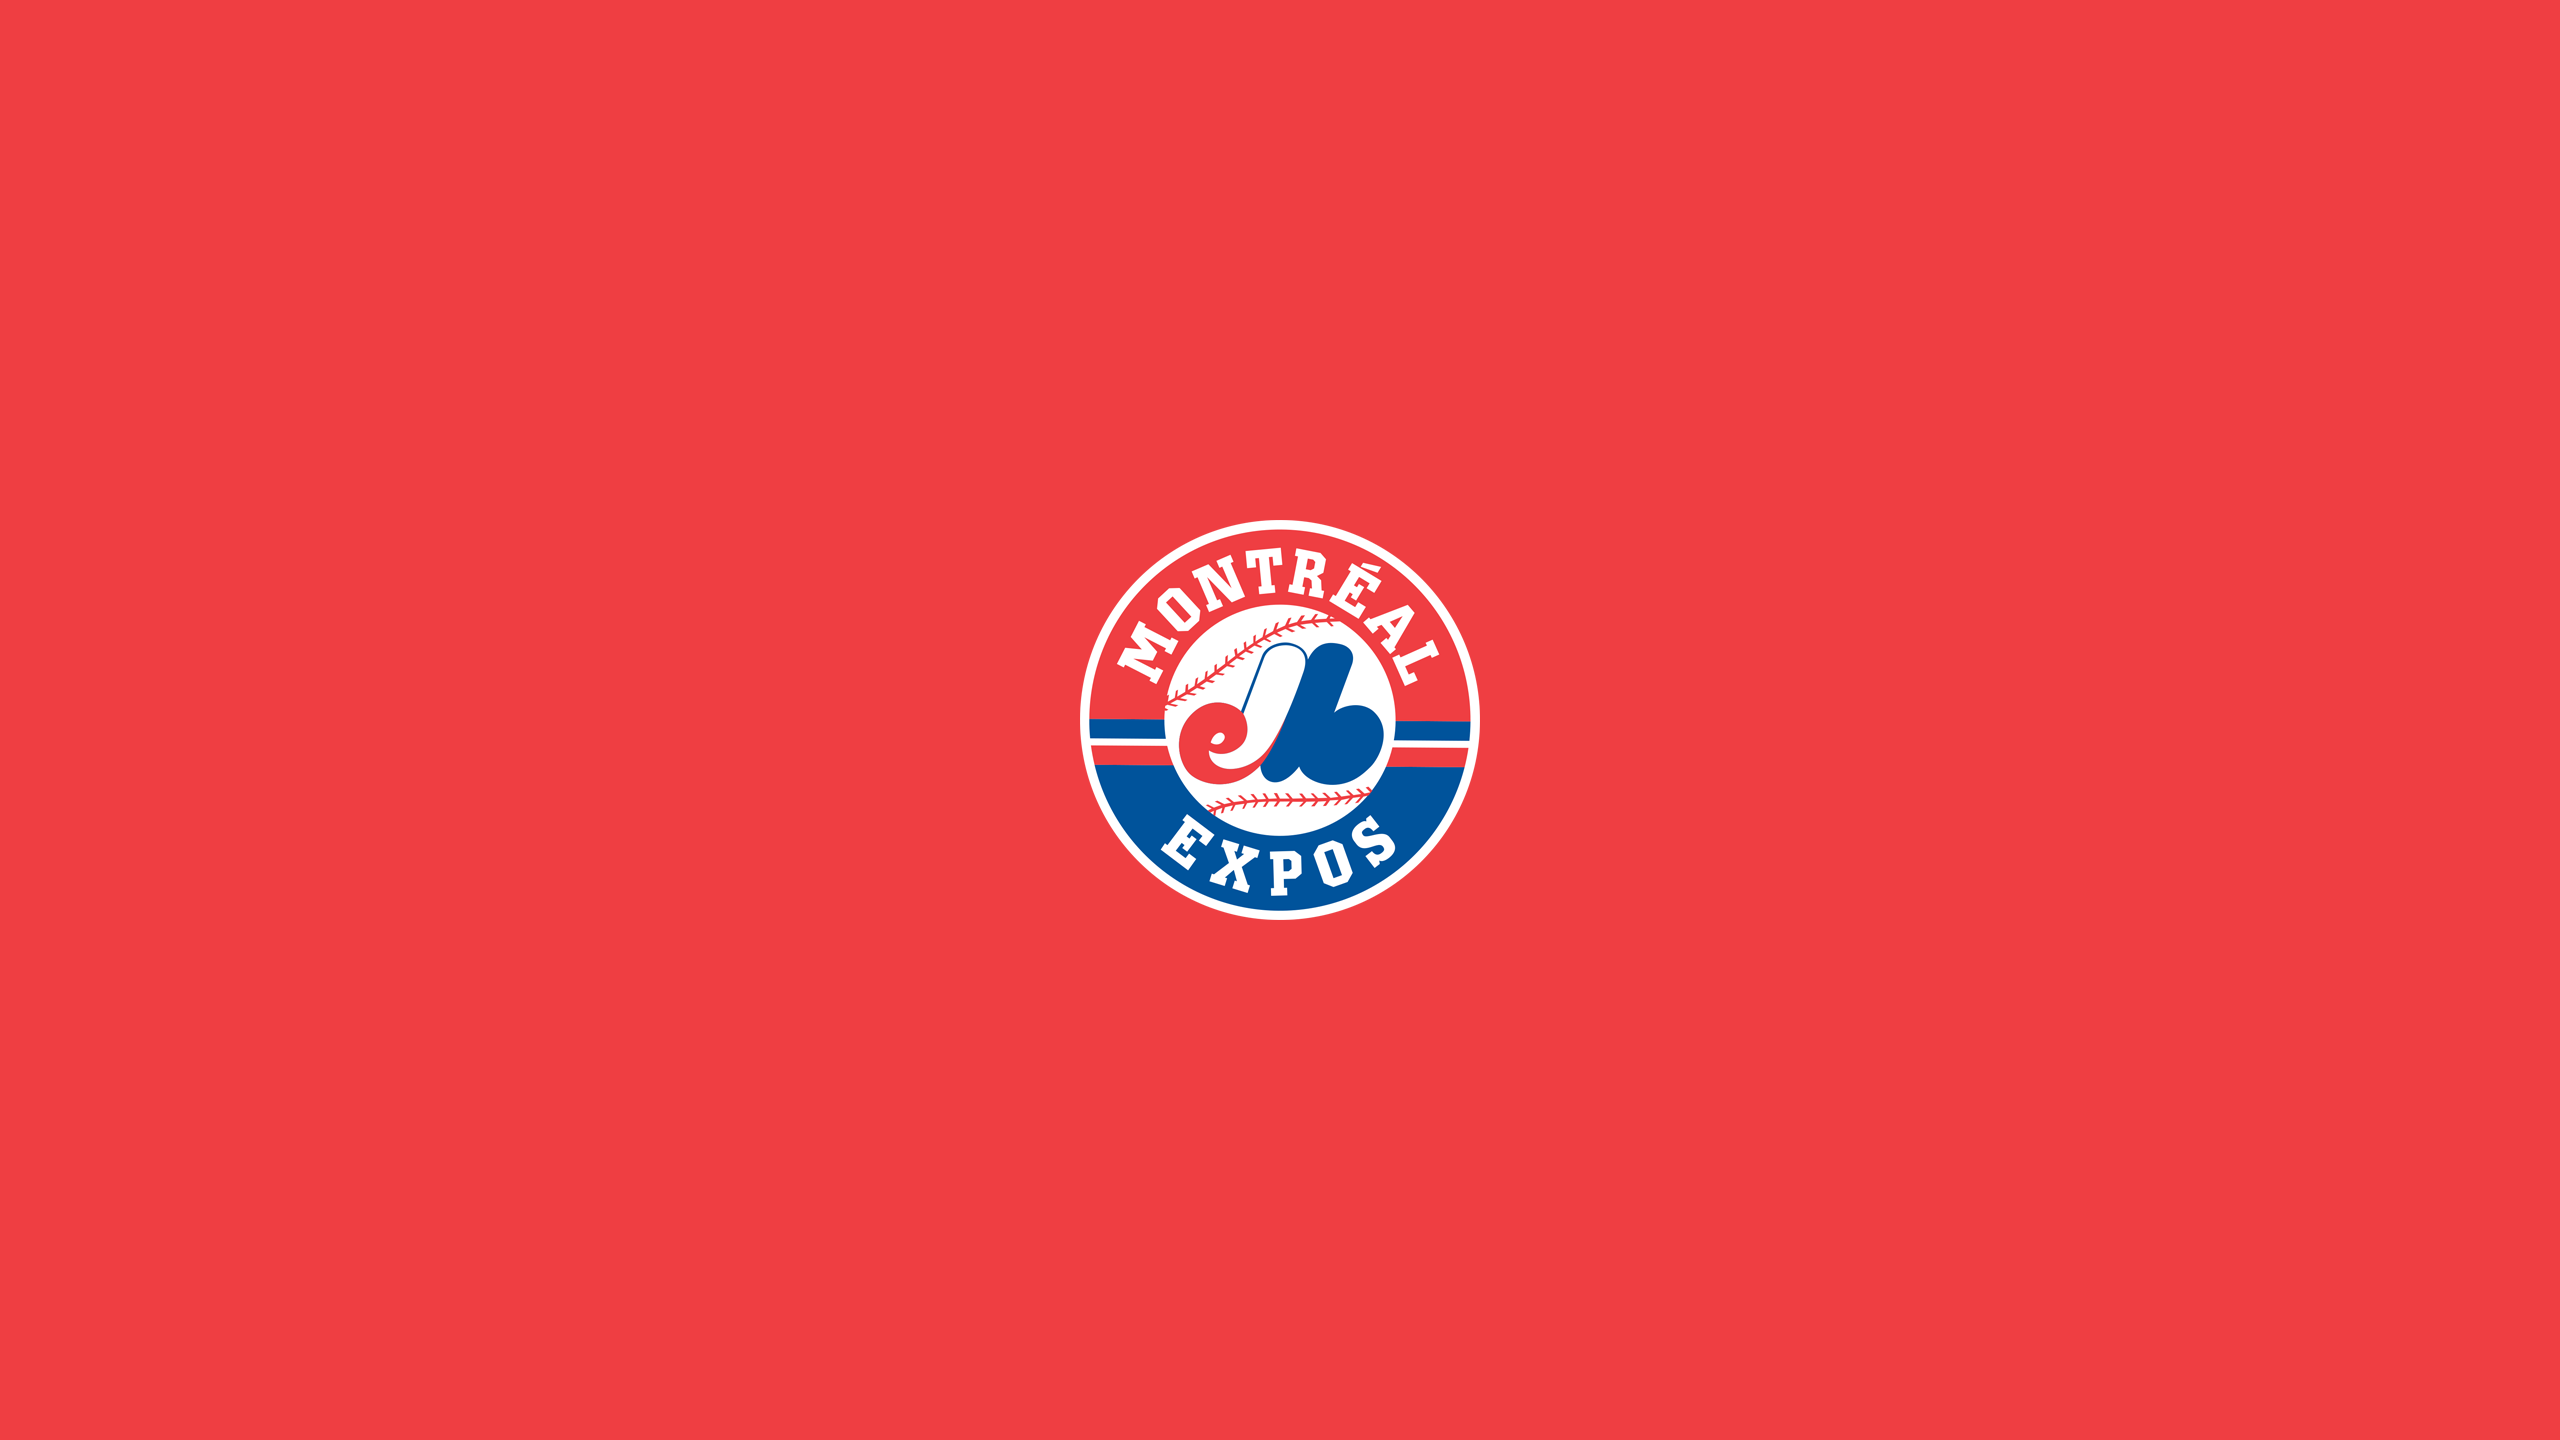 Baseball Wallpapers 2560x1440